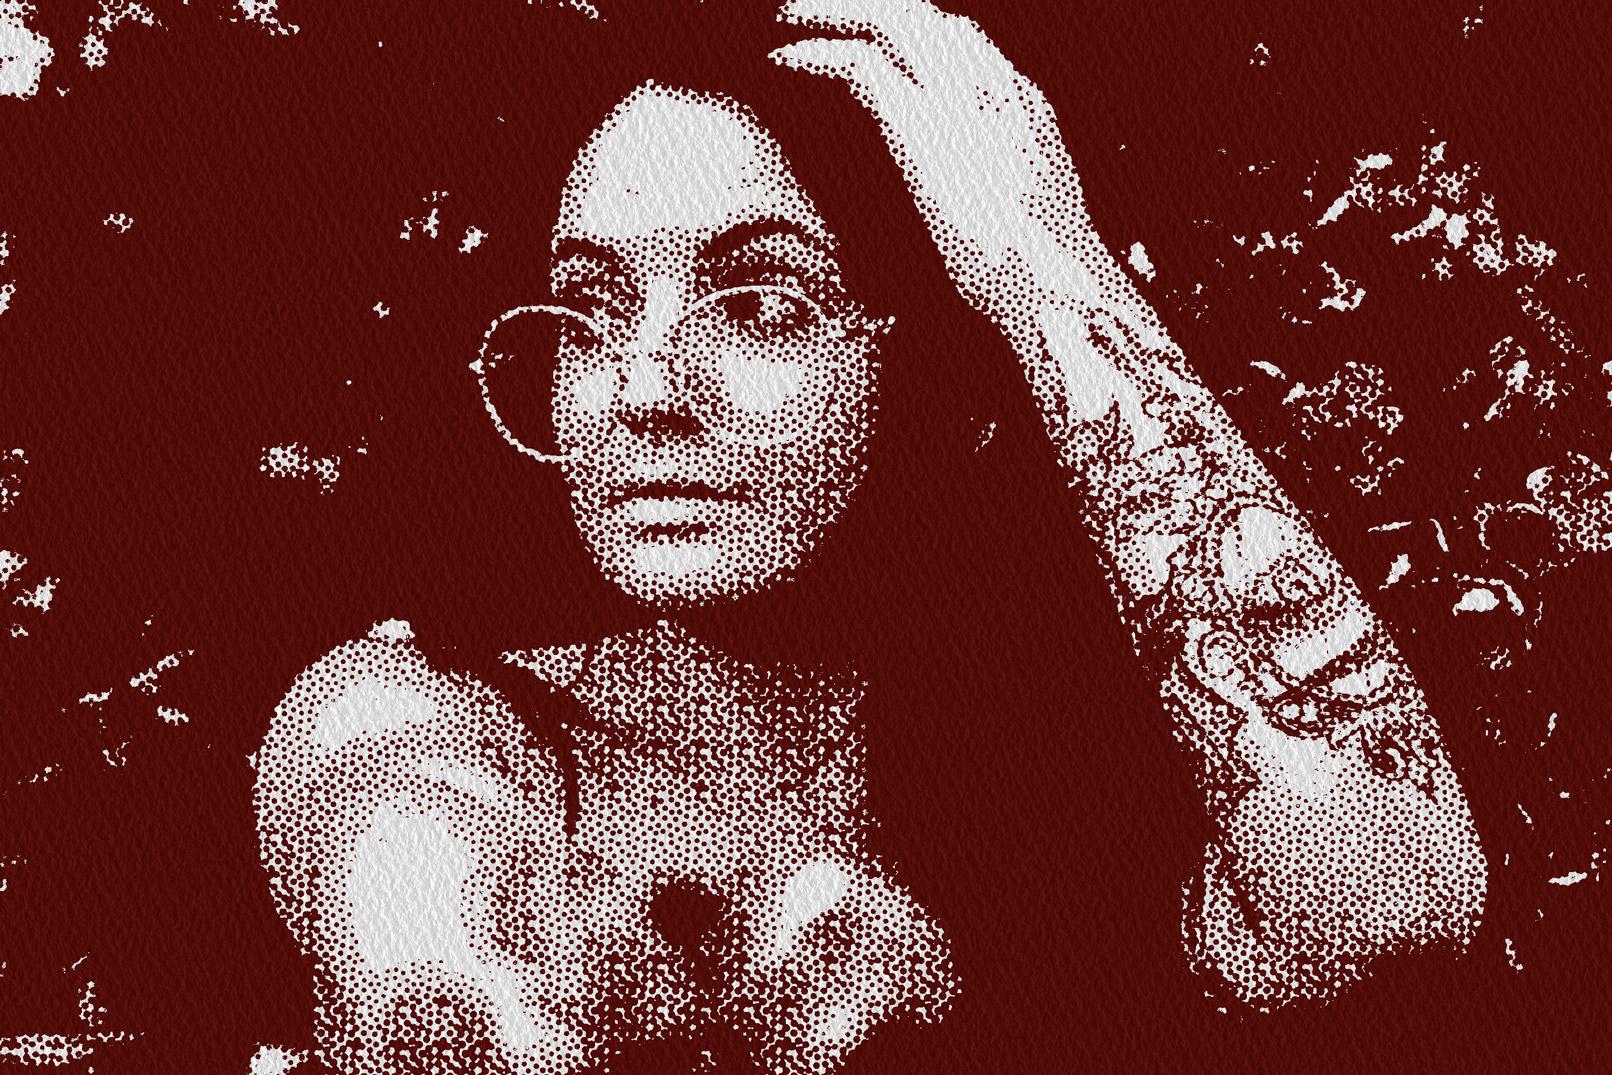 Porträt einer Frau im Retro-Look